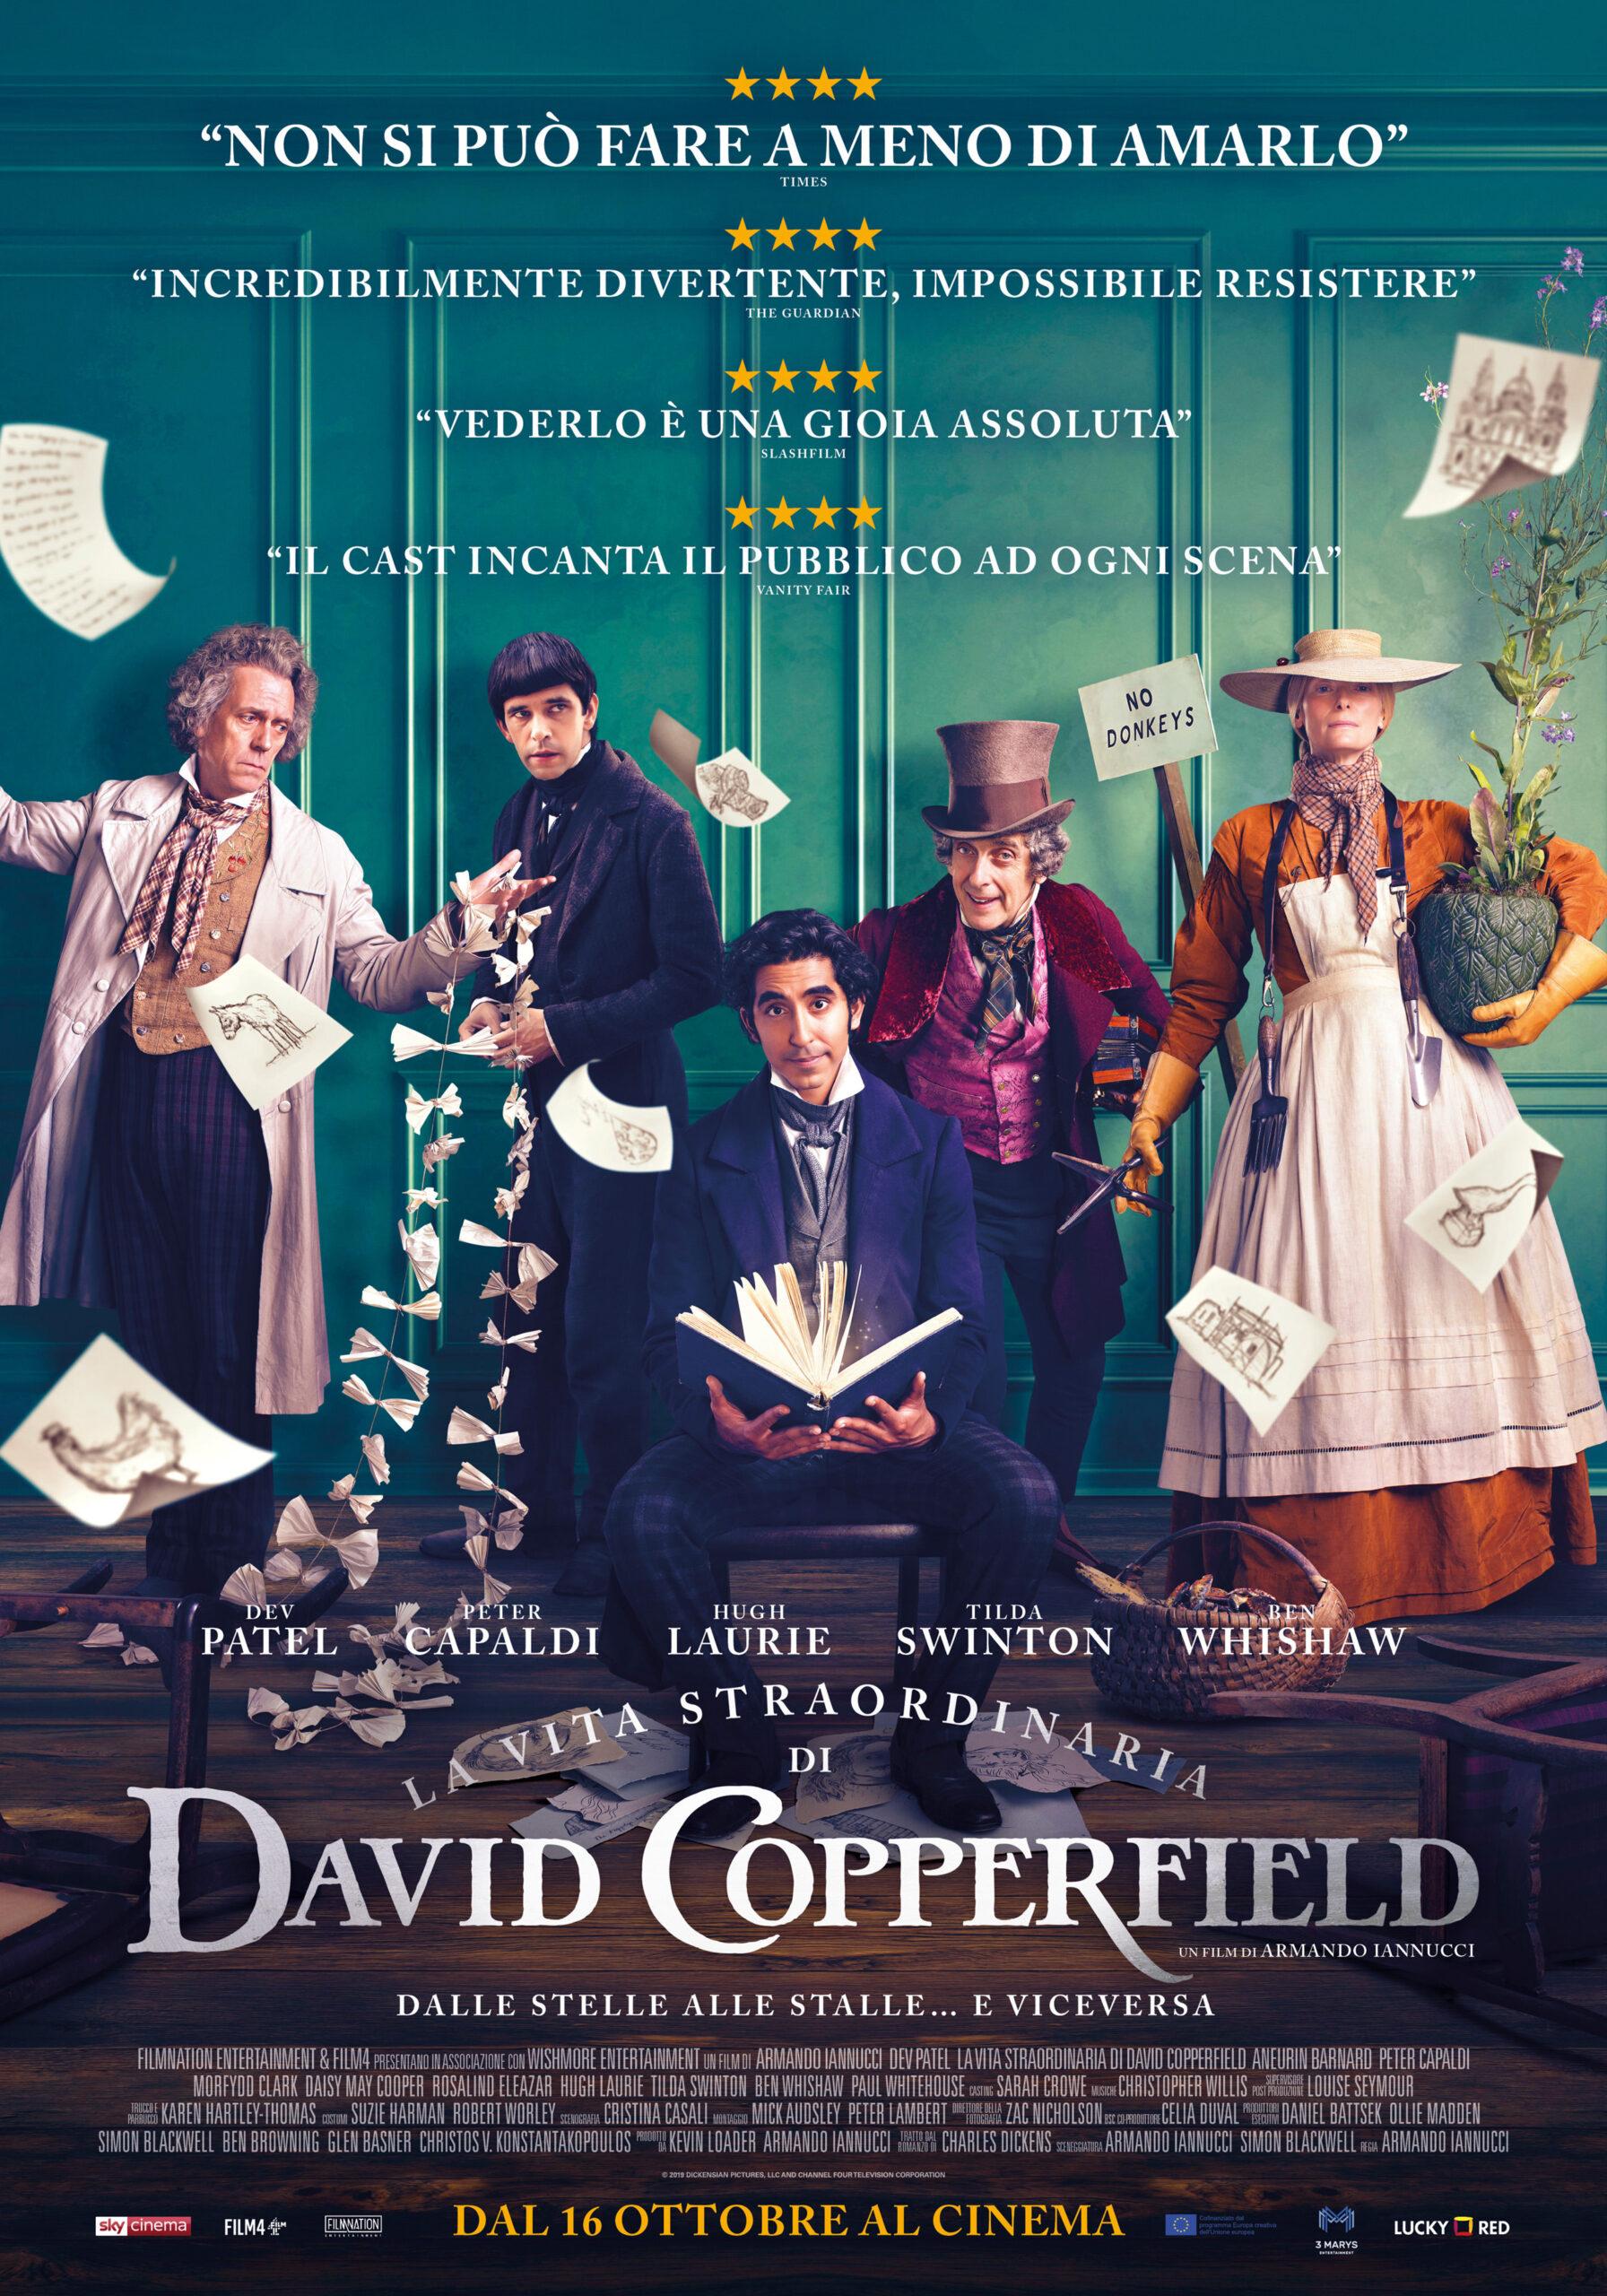 """Recensione in anteprima del film """"La vita straordinaria di David Copperfield"""" di Armando Iannucci"""